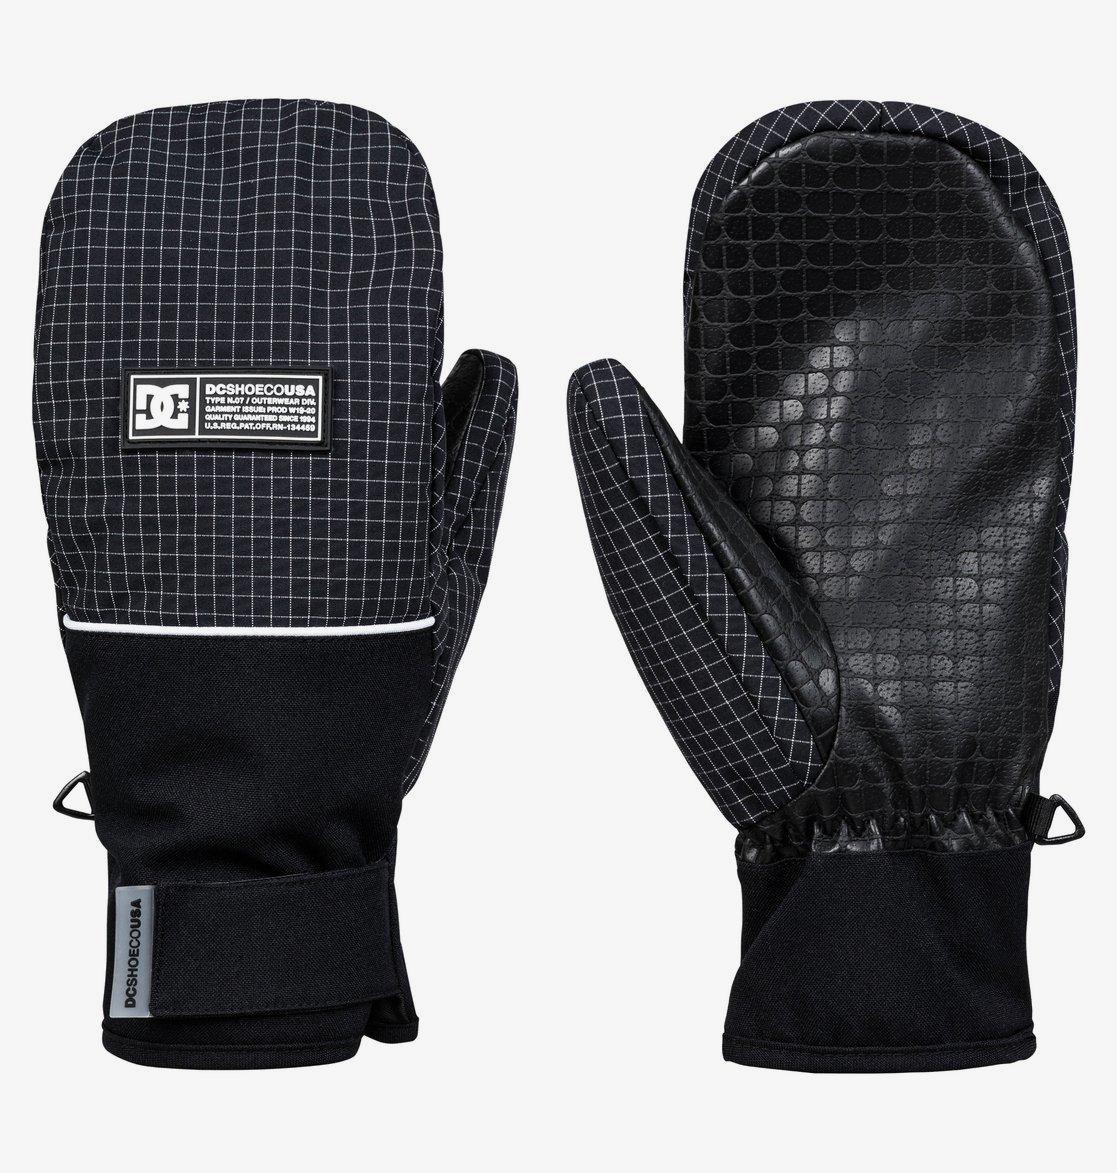 attrayant et durable acheter authentique inégale en performance Franchise - Moufles de snowboard/ski pour Homme